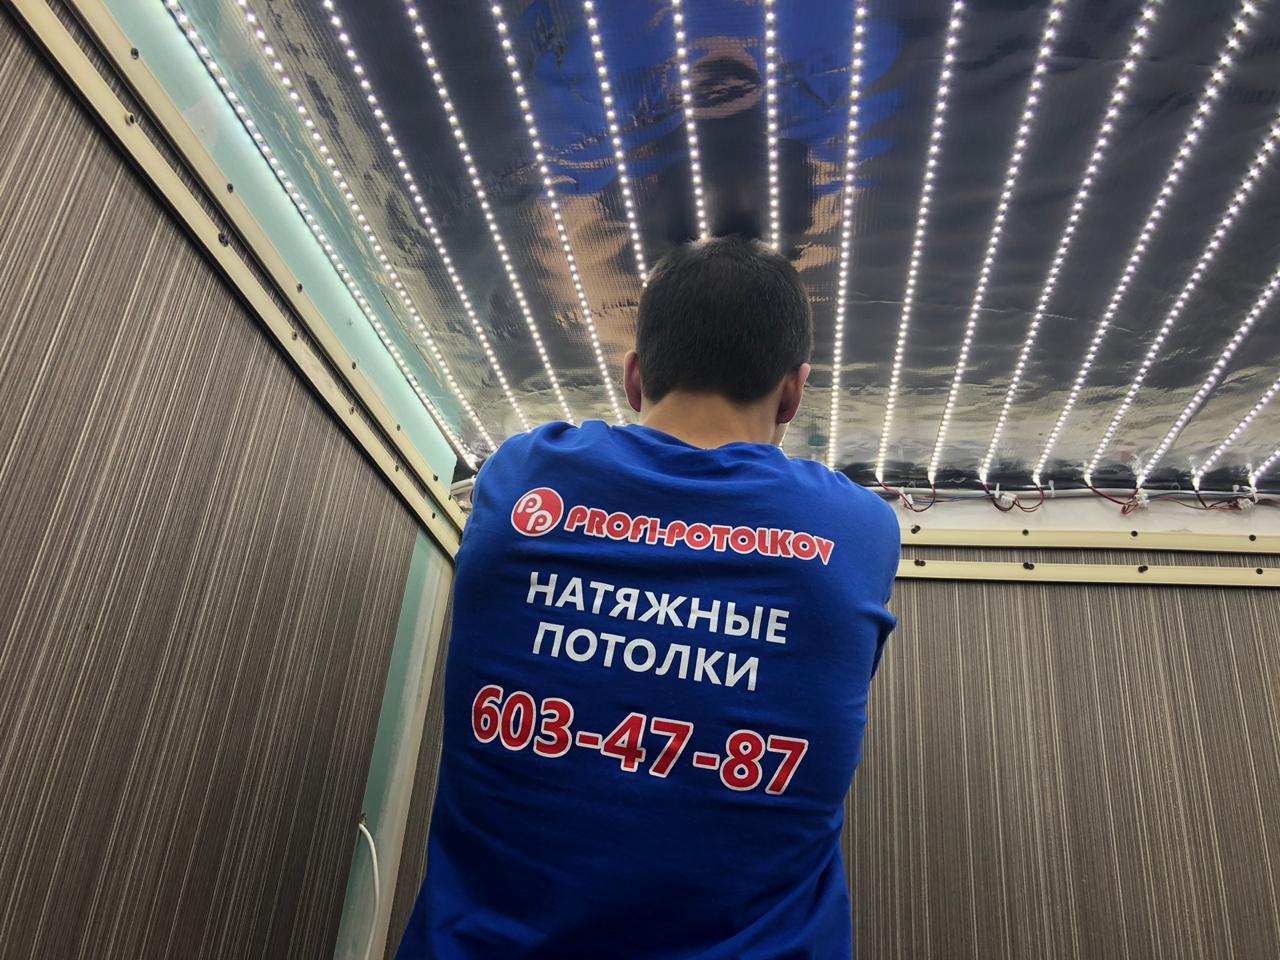 Установка натяжного потолка с подсветкой